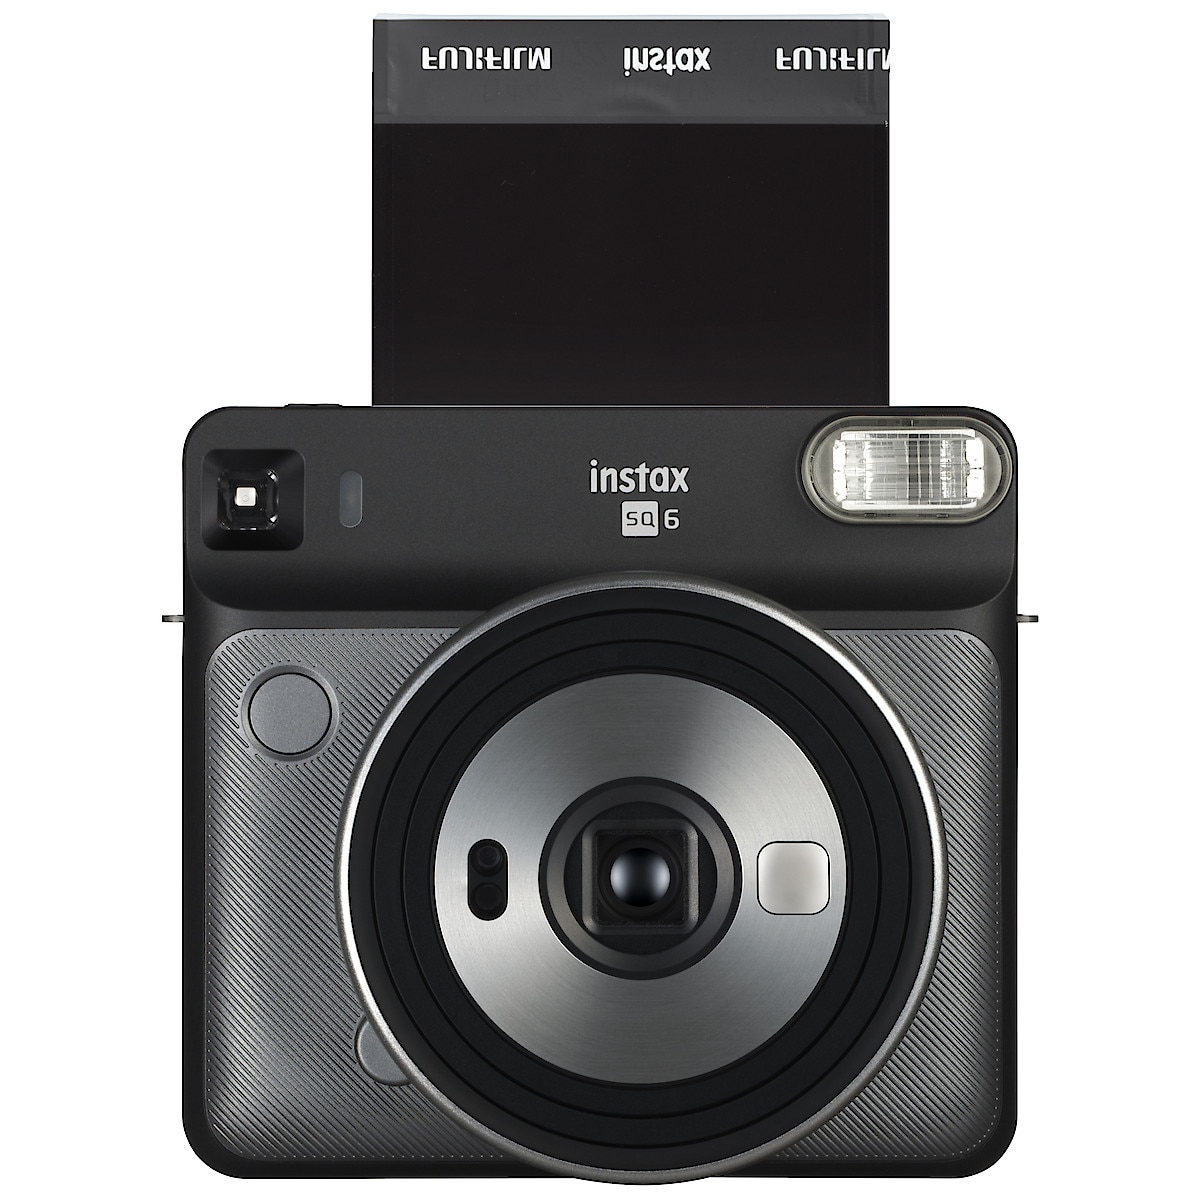 Kamera Fujifilm Instax Square SQ6